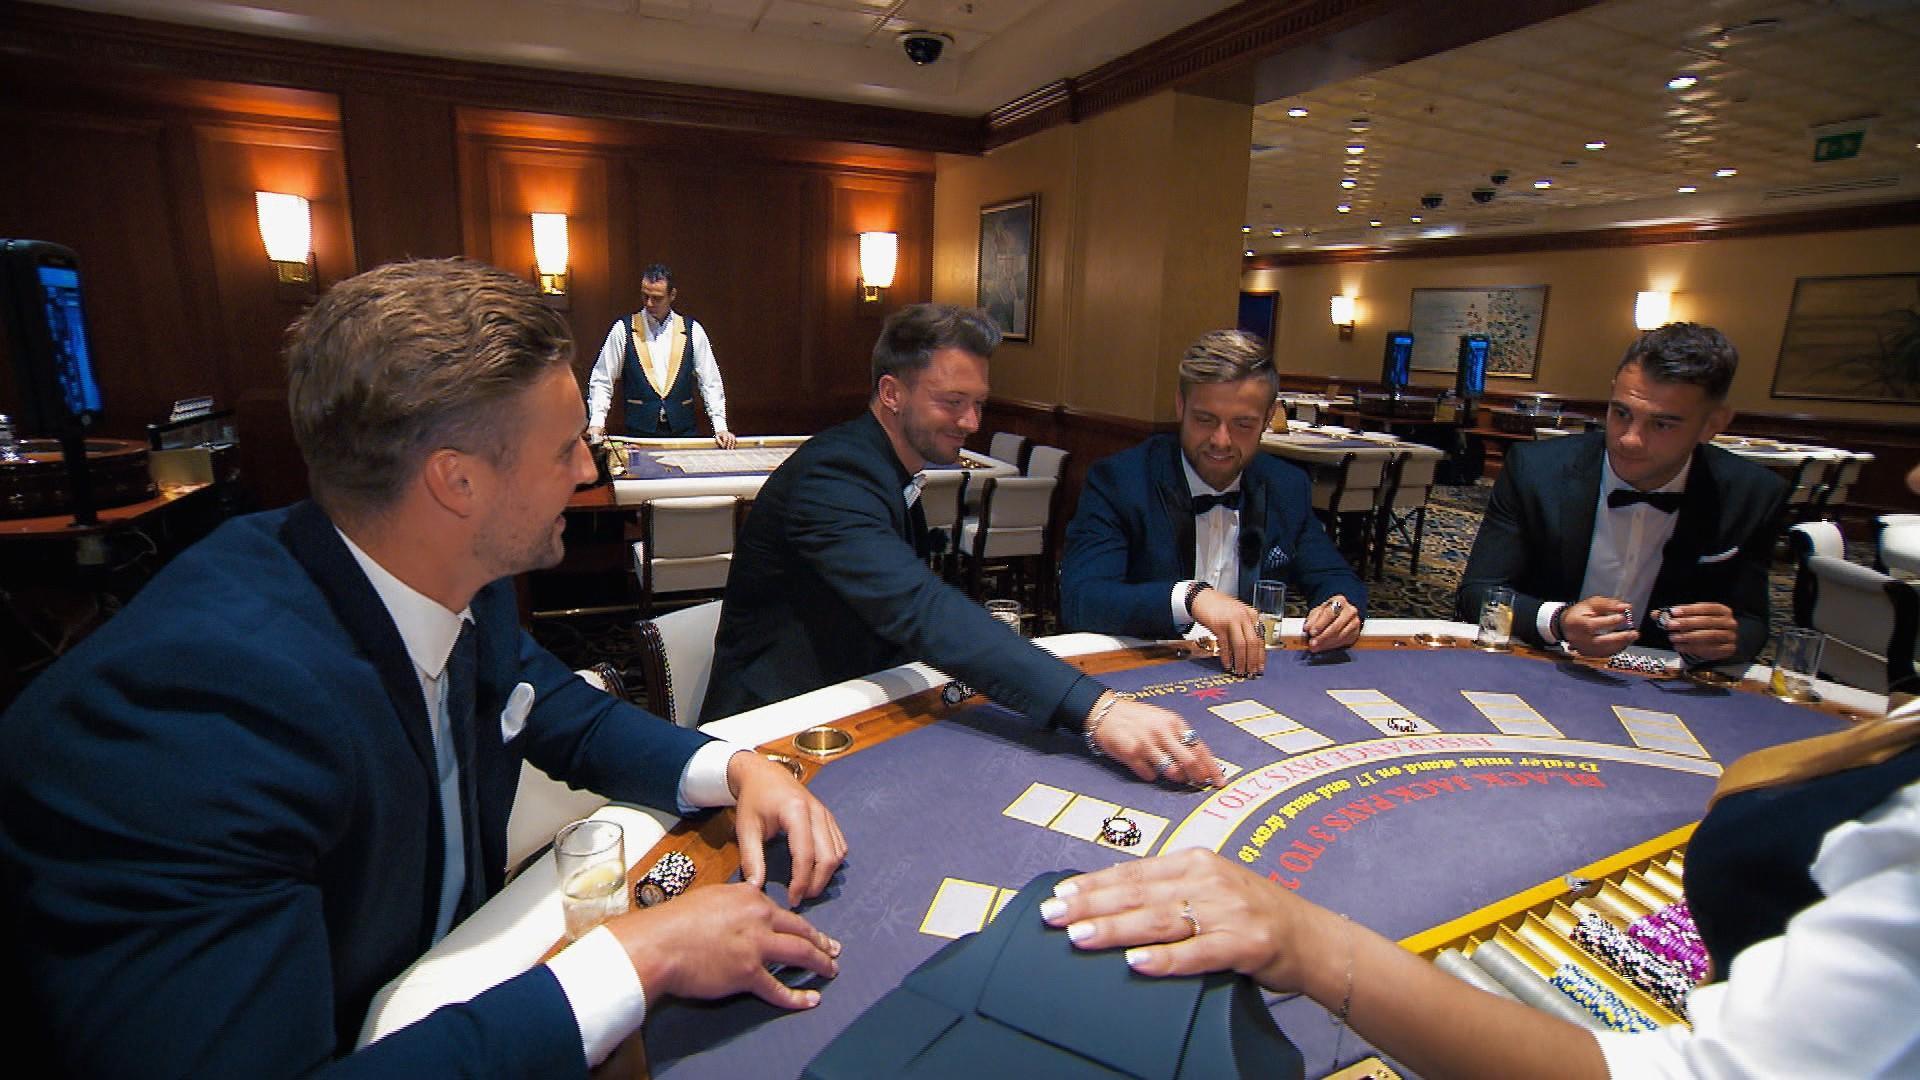 Alex, Keno, Andreas und Serkan im Casino